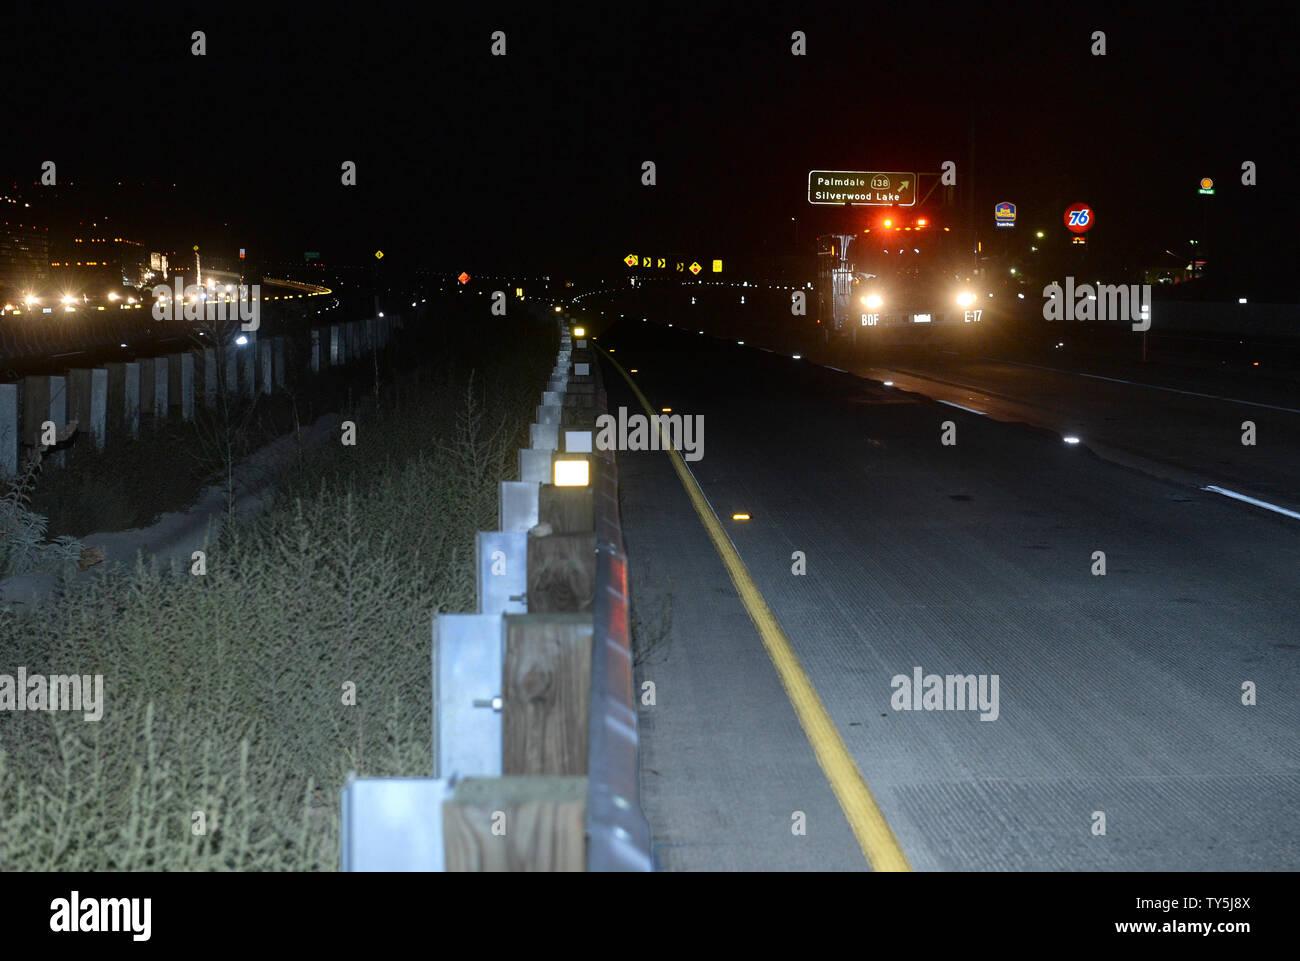 Los Angeles To Las Vegas Freeway Stock Photos & Los Angeles To Las